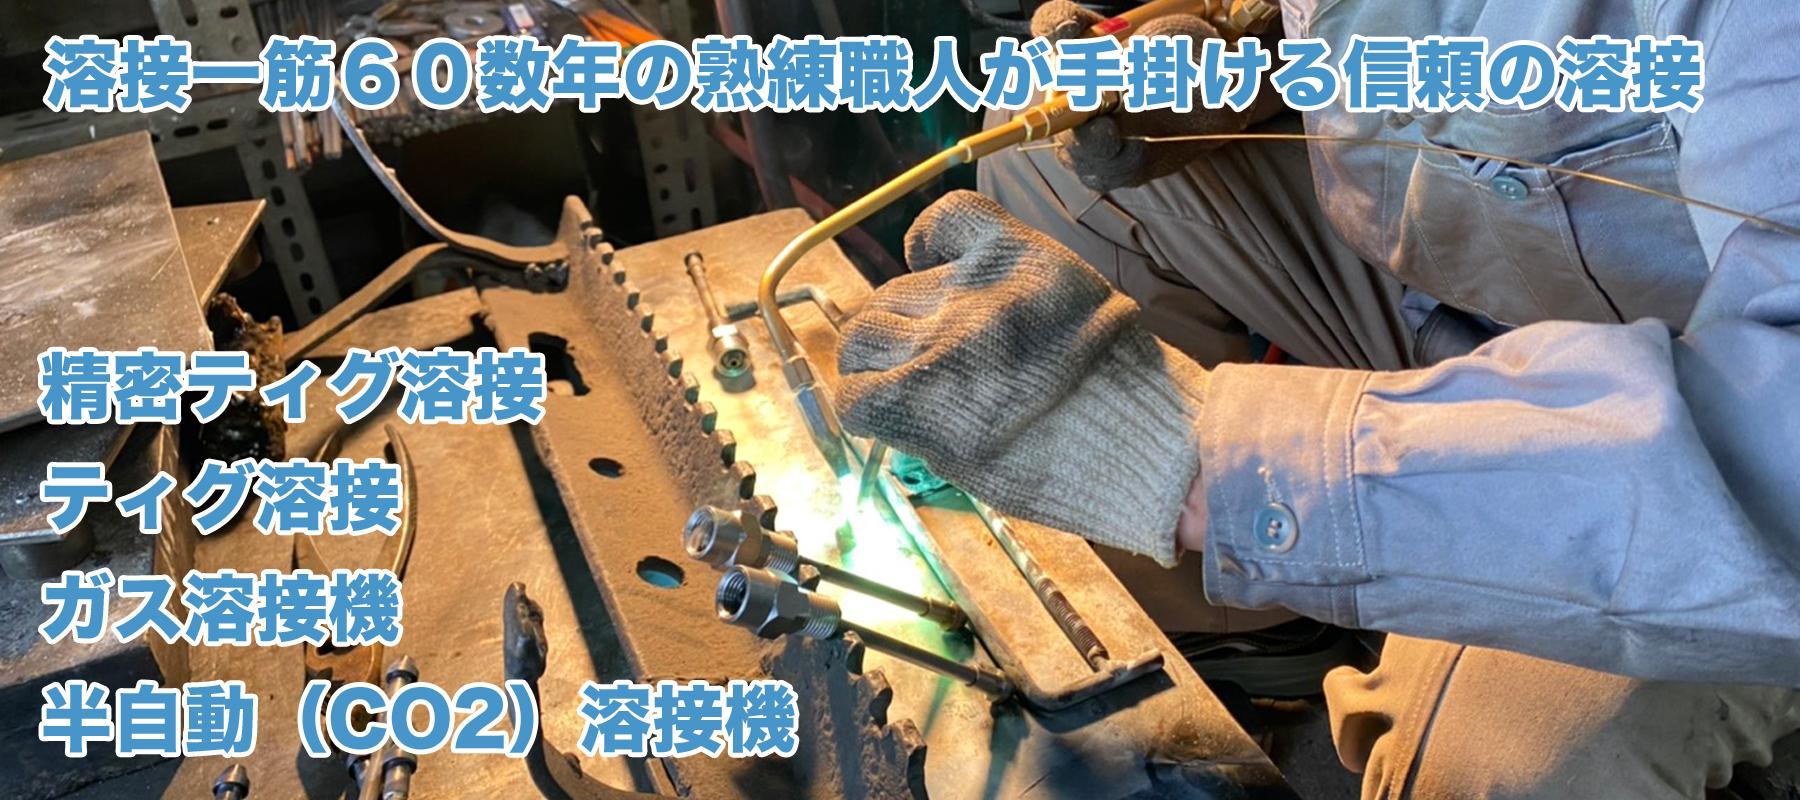 溶接一筋60数年の熟練職人が手掛ける信頼の溶接 精密ティグ溶接 ティグ溶接 ガス溶接機 半自動(CO2)溶接機